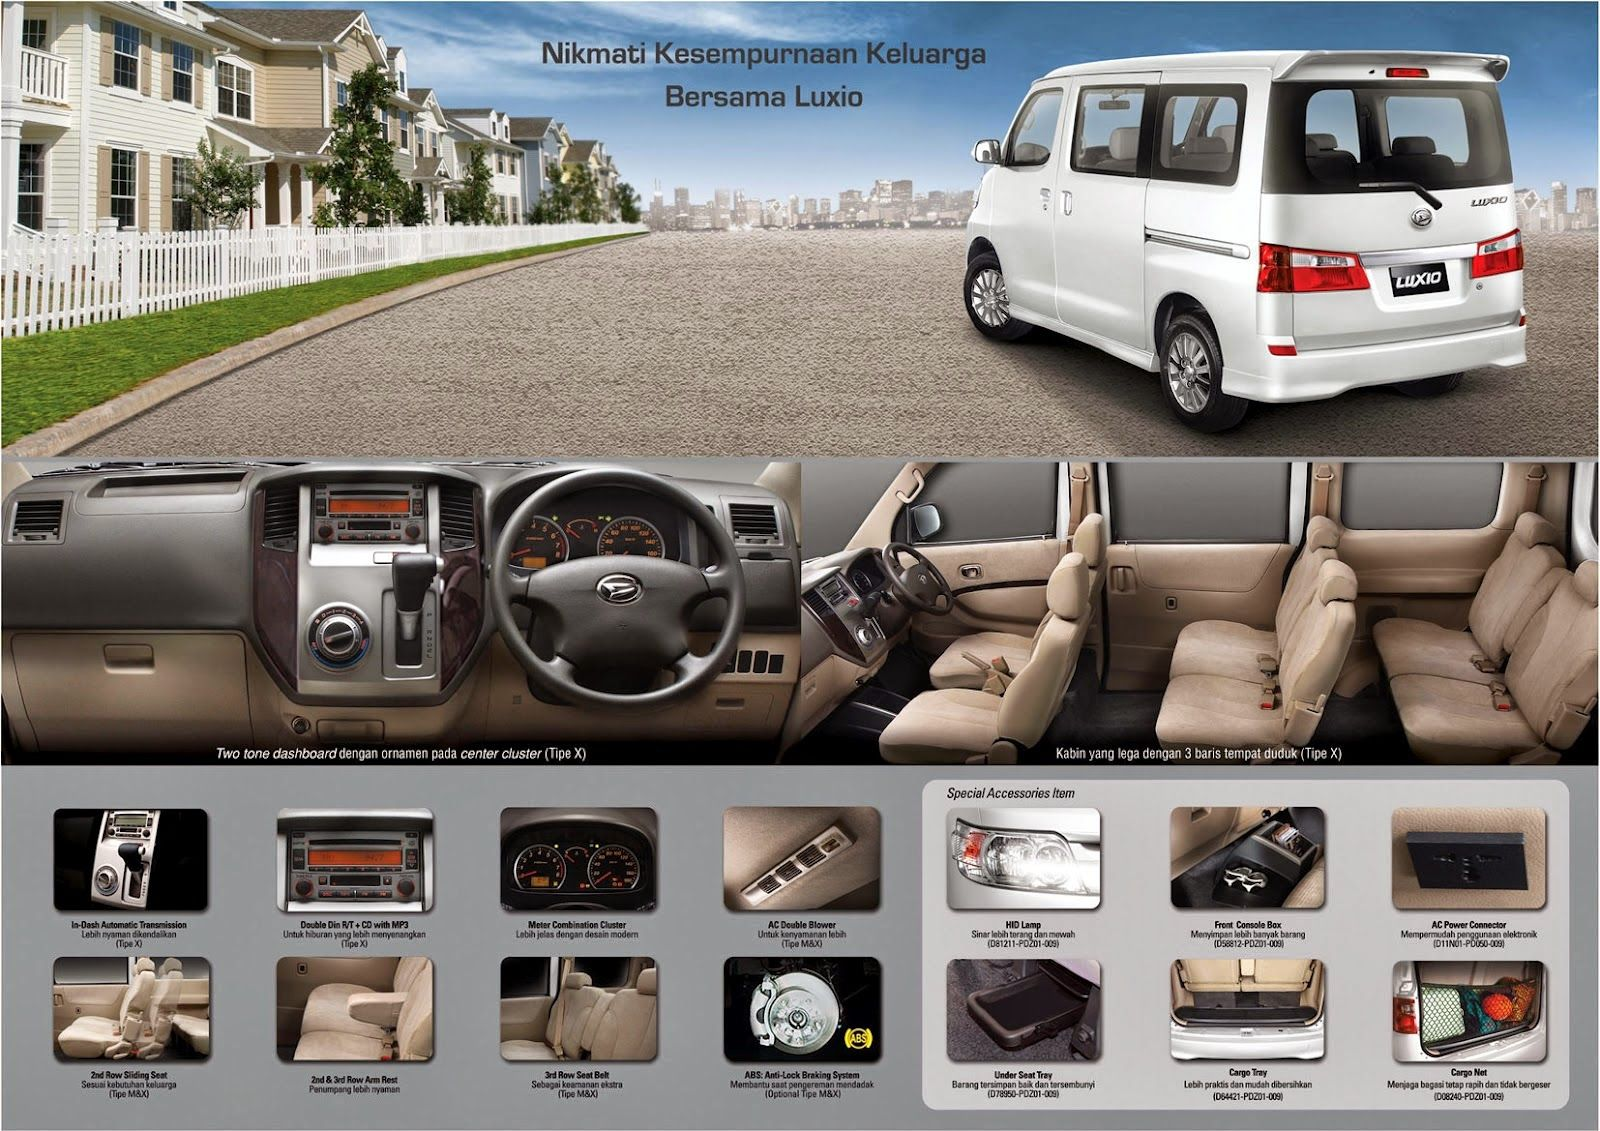 Luxio Dengan Gambar Daihatsu Mobil Indonesia